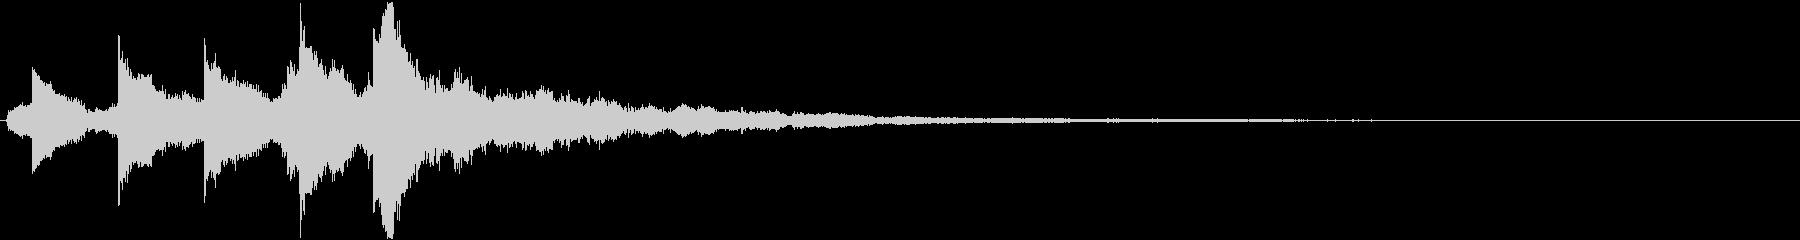 オルゴールの可愛いサウンドロゴの未再生の波形